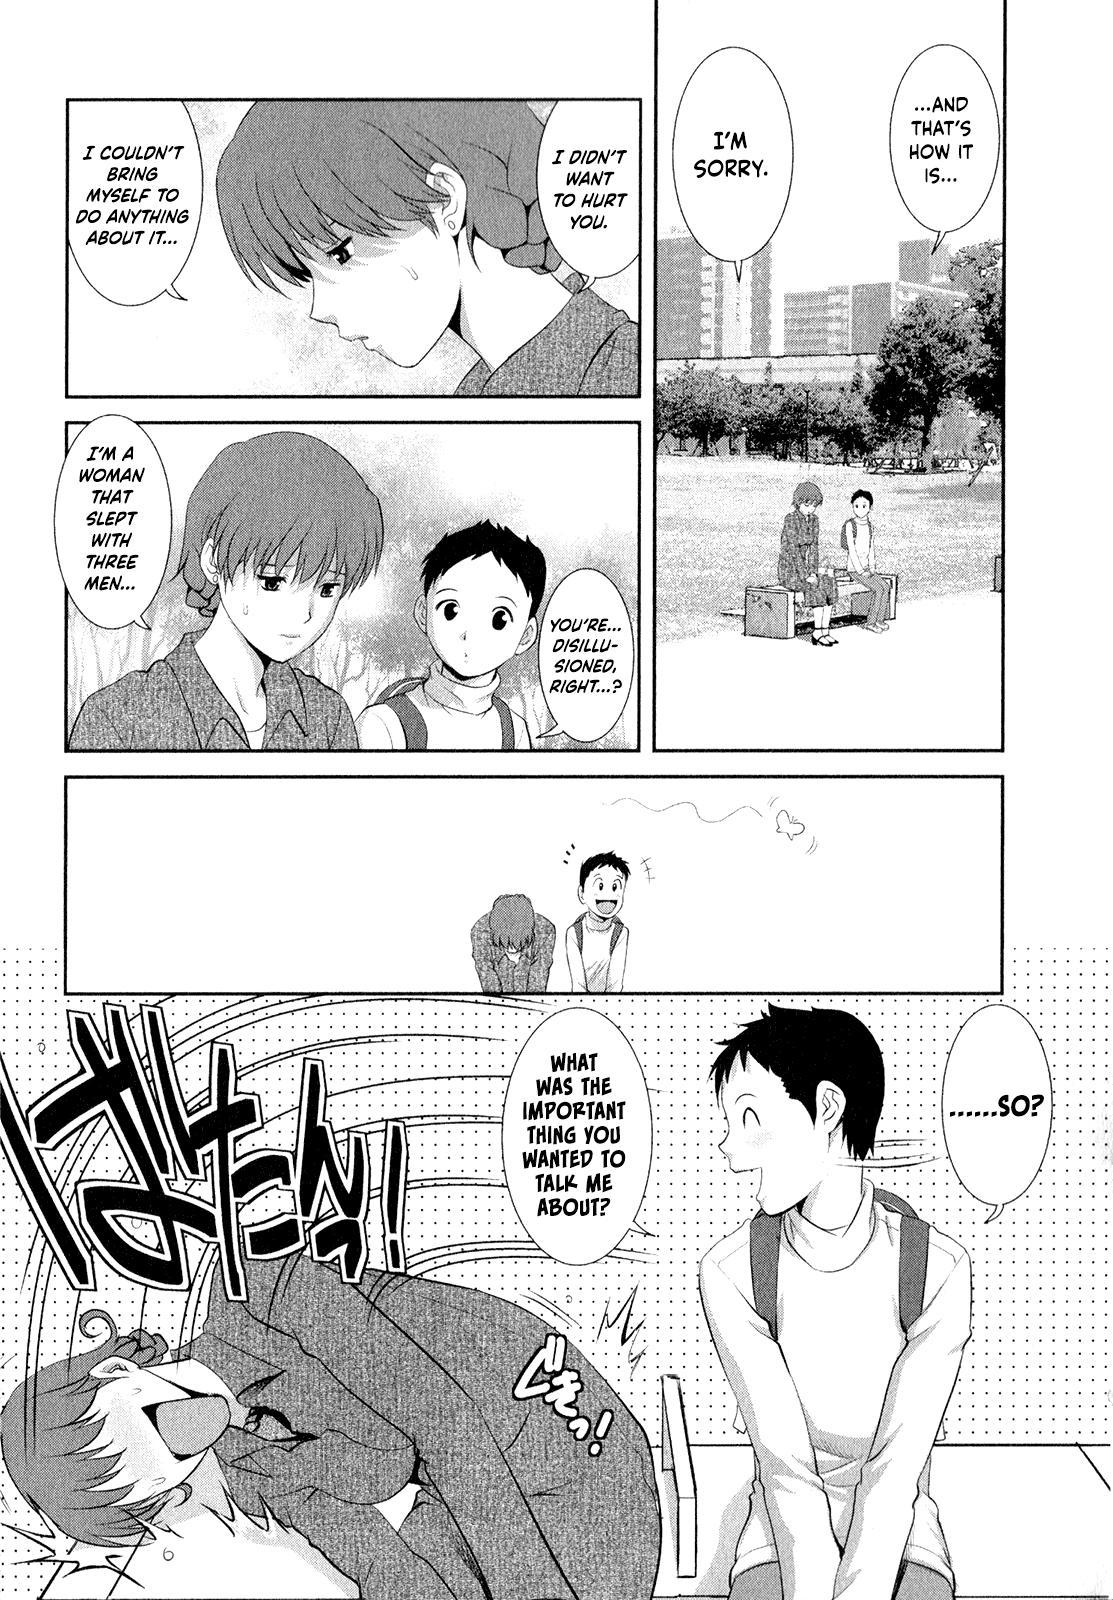 [Saigado] Hitozuma Audrey-san no Himitsu ~30-sai kara no Furyou Tsuma Kouza~ - Vol. 2 [English] {Hennojin} 17